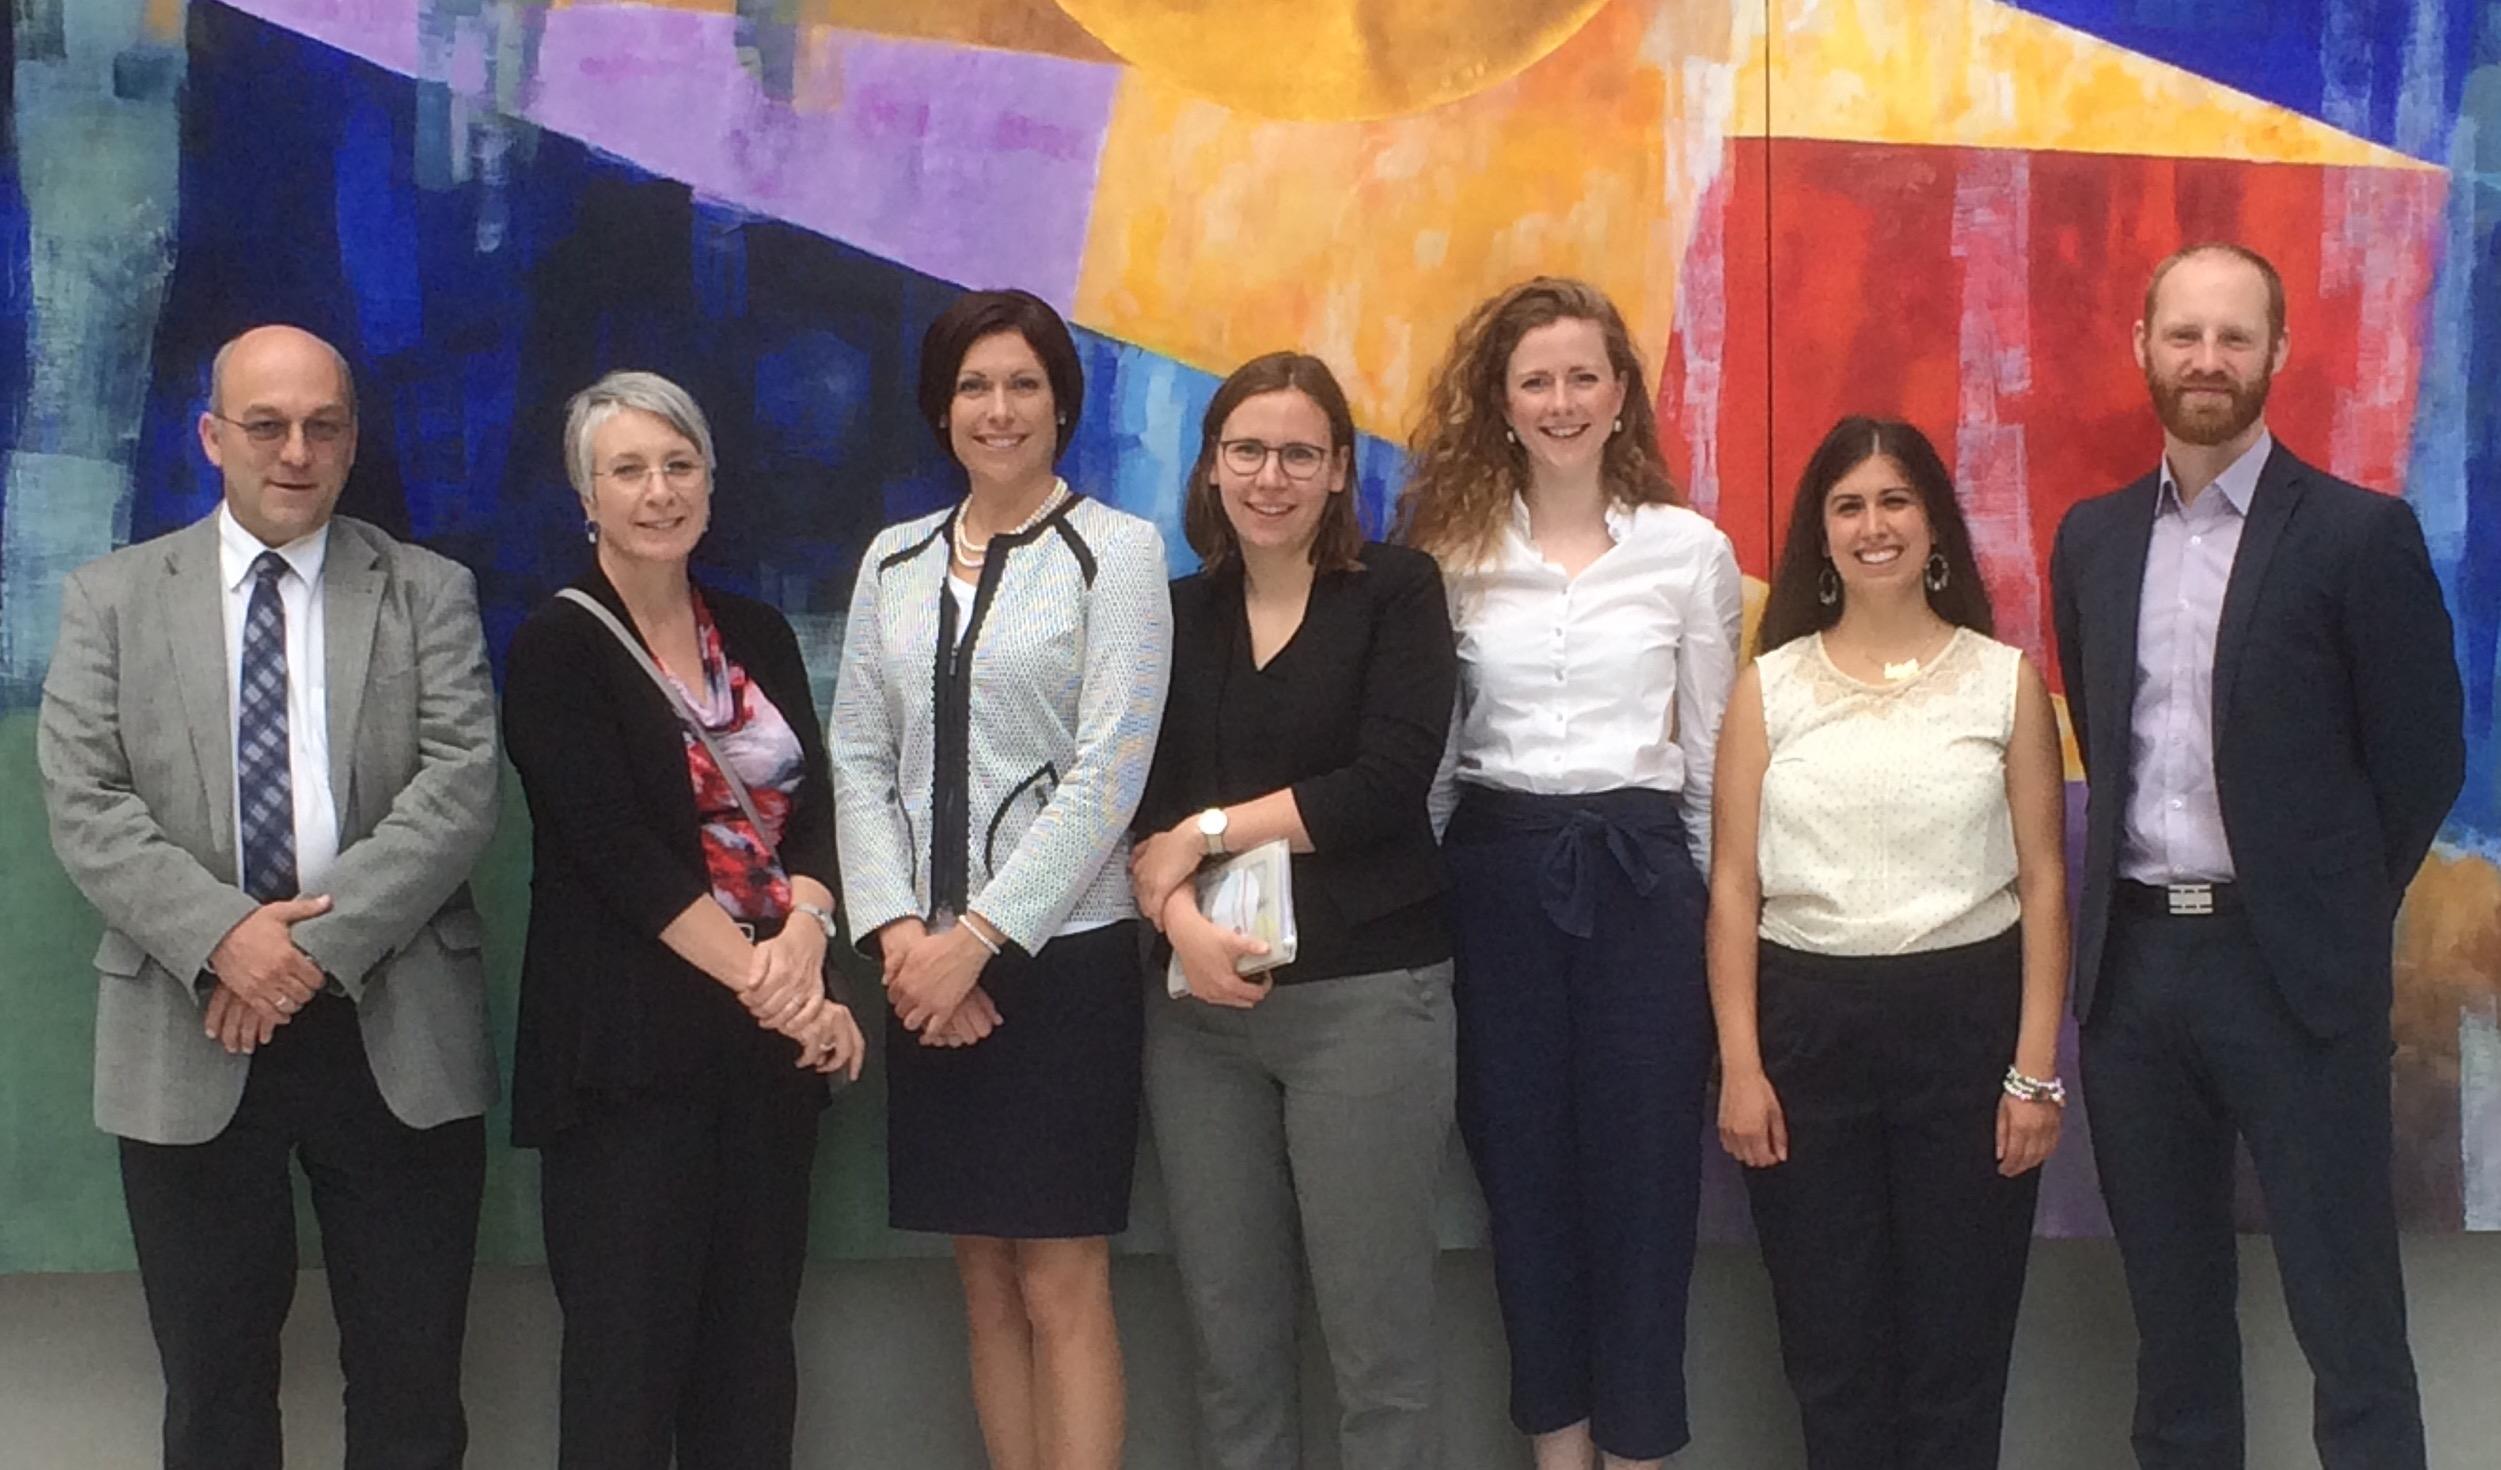 Max Klasen (rechts), Marlene Thiele (4. v. r.) und Dr. Mark Heinzel vom DIHK e. V. (links) begrüßen Arbeitsministerin Patty Hajdu (2. v. l.)und ihre Delegation im Haus der deutschen Wirtschaft.